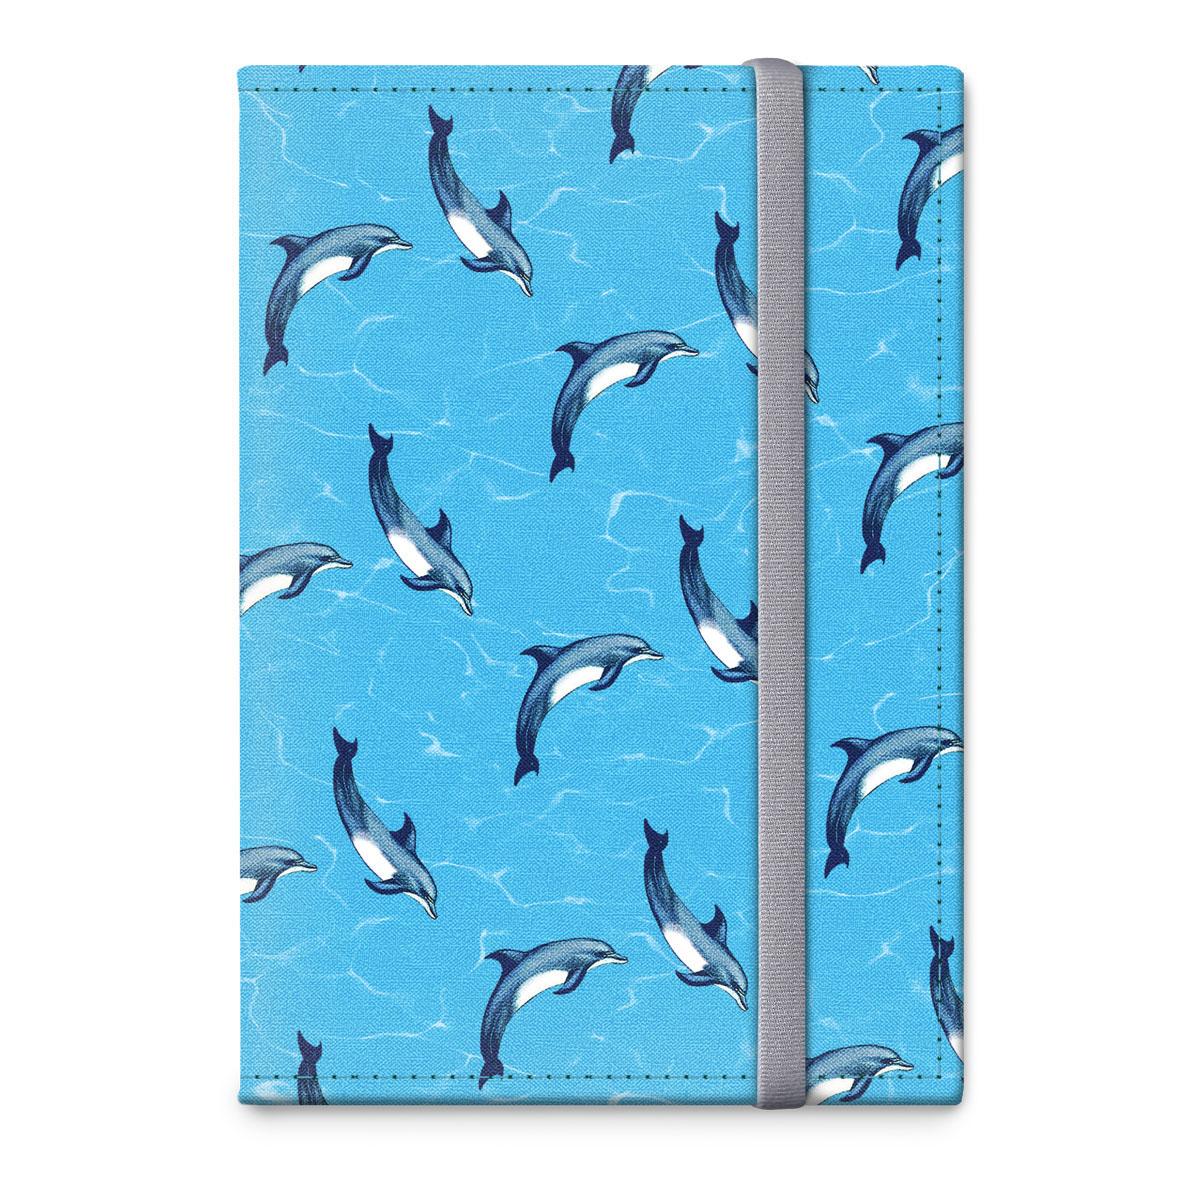 Обложка для паспорта ОРЗ-дизайн Дельфины, цвет: голубой, черный. Орз-0314Орз-0314Обложка на паспорт текстильная с авторским принтом